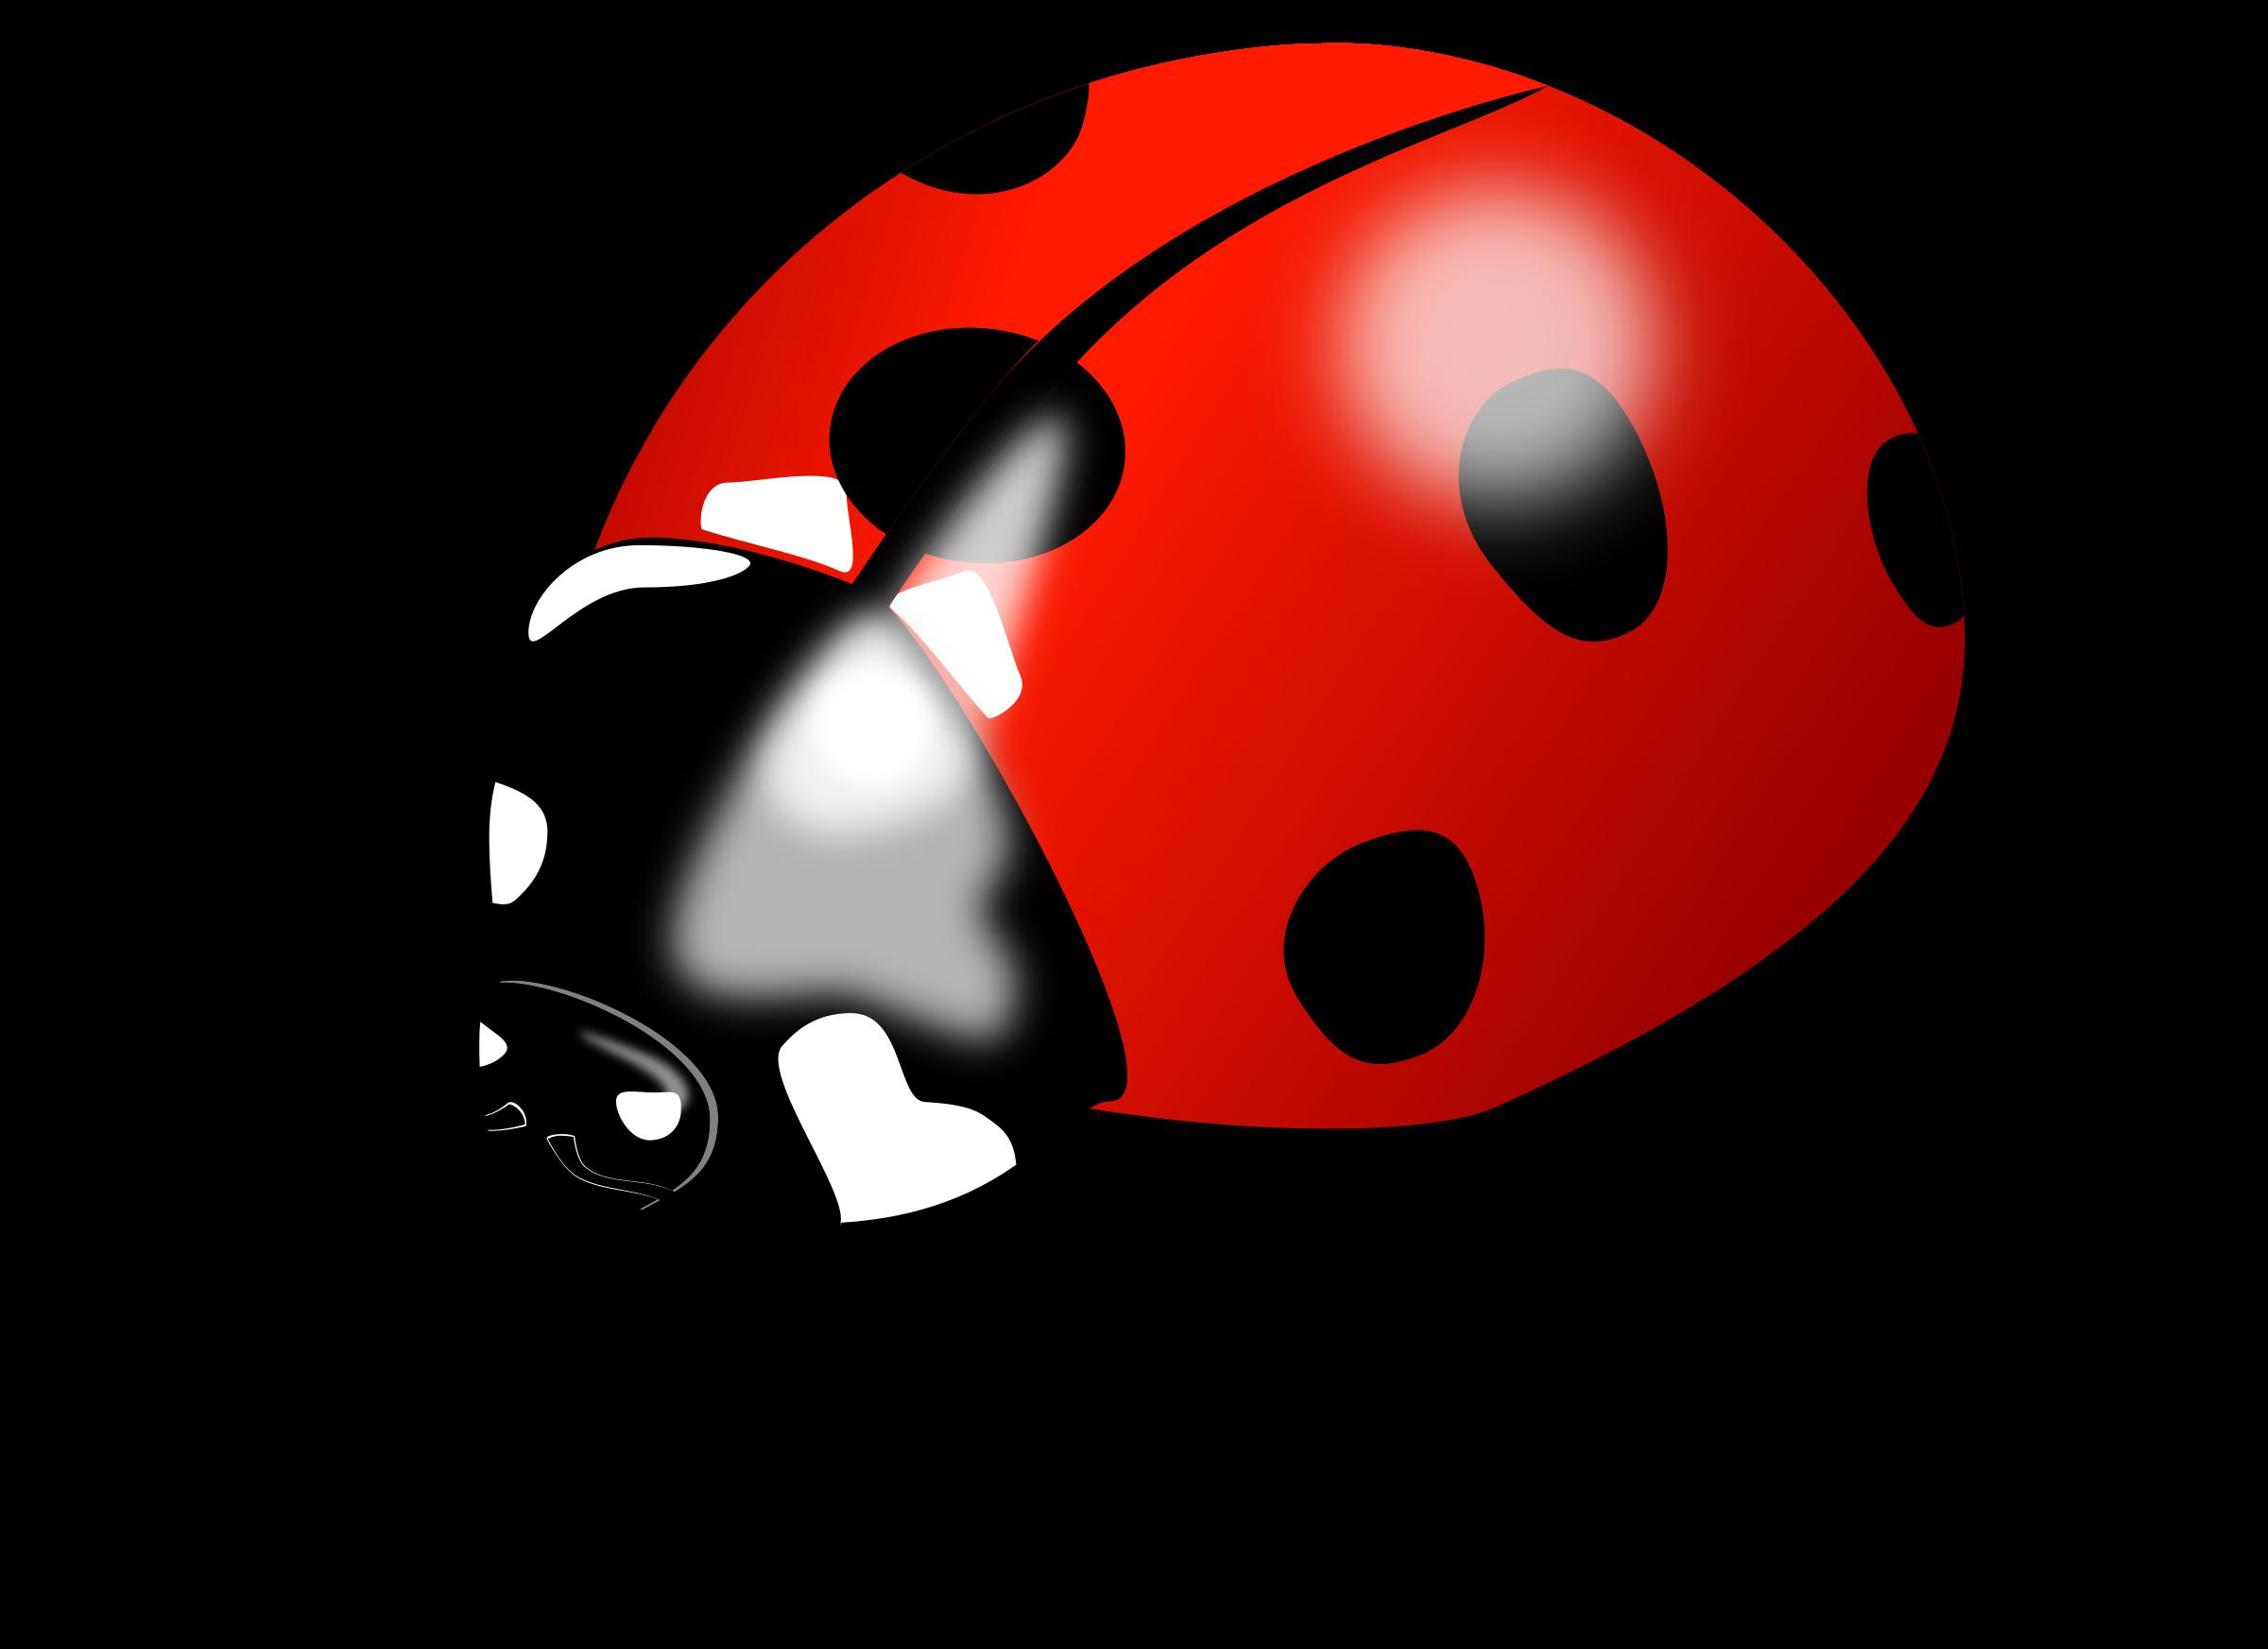 BIG IMAGE (PNG) - PNG Ladybird